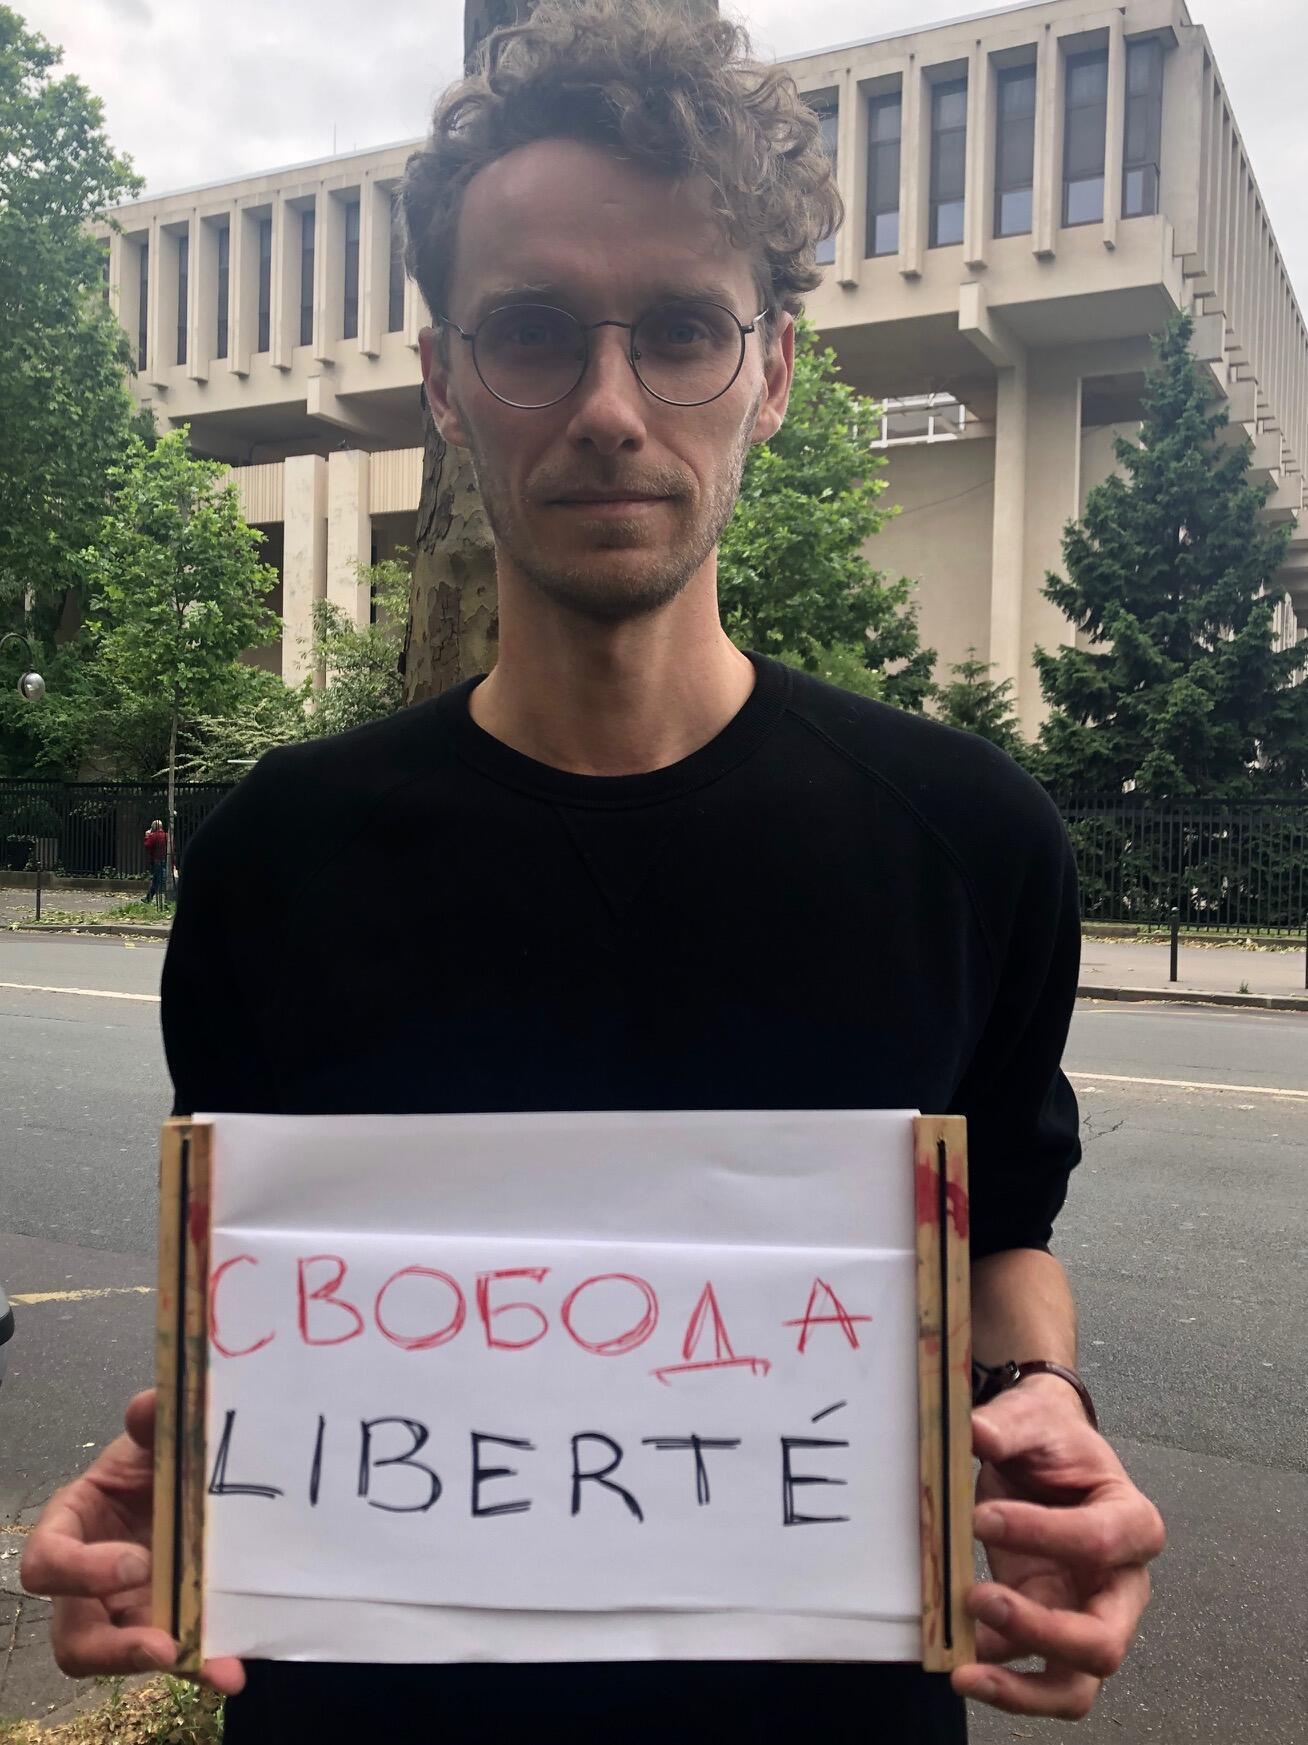 Композитор Эдуард Коновалов перед зданием российского посольства в Париже на акции в поддержку Ивана Голунова, 9 июня 2019